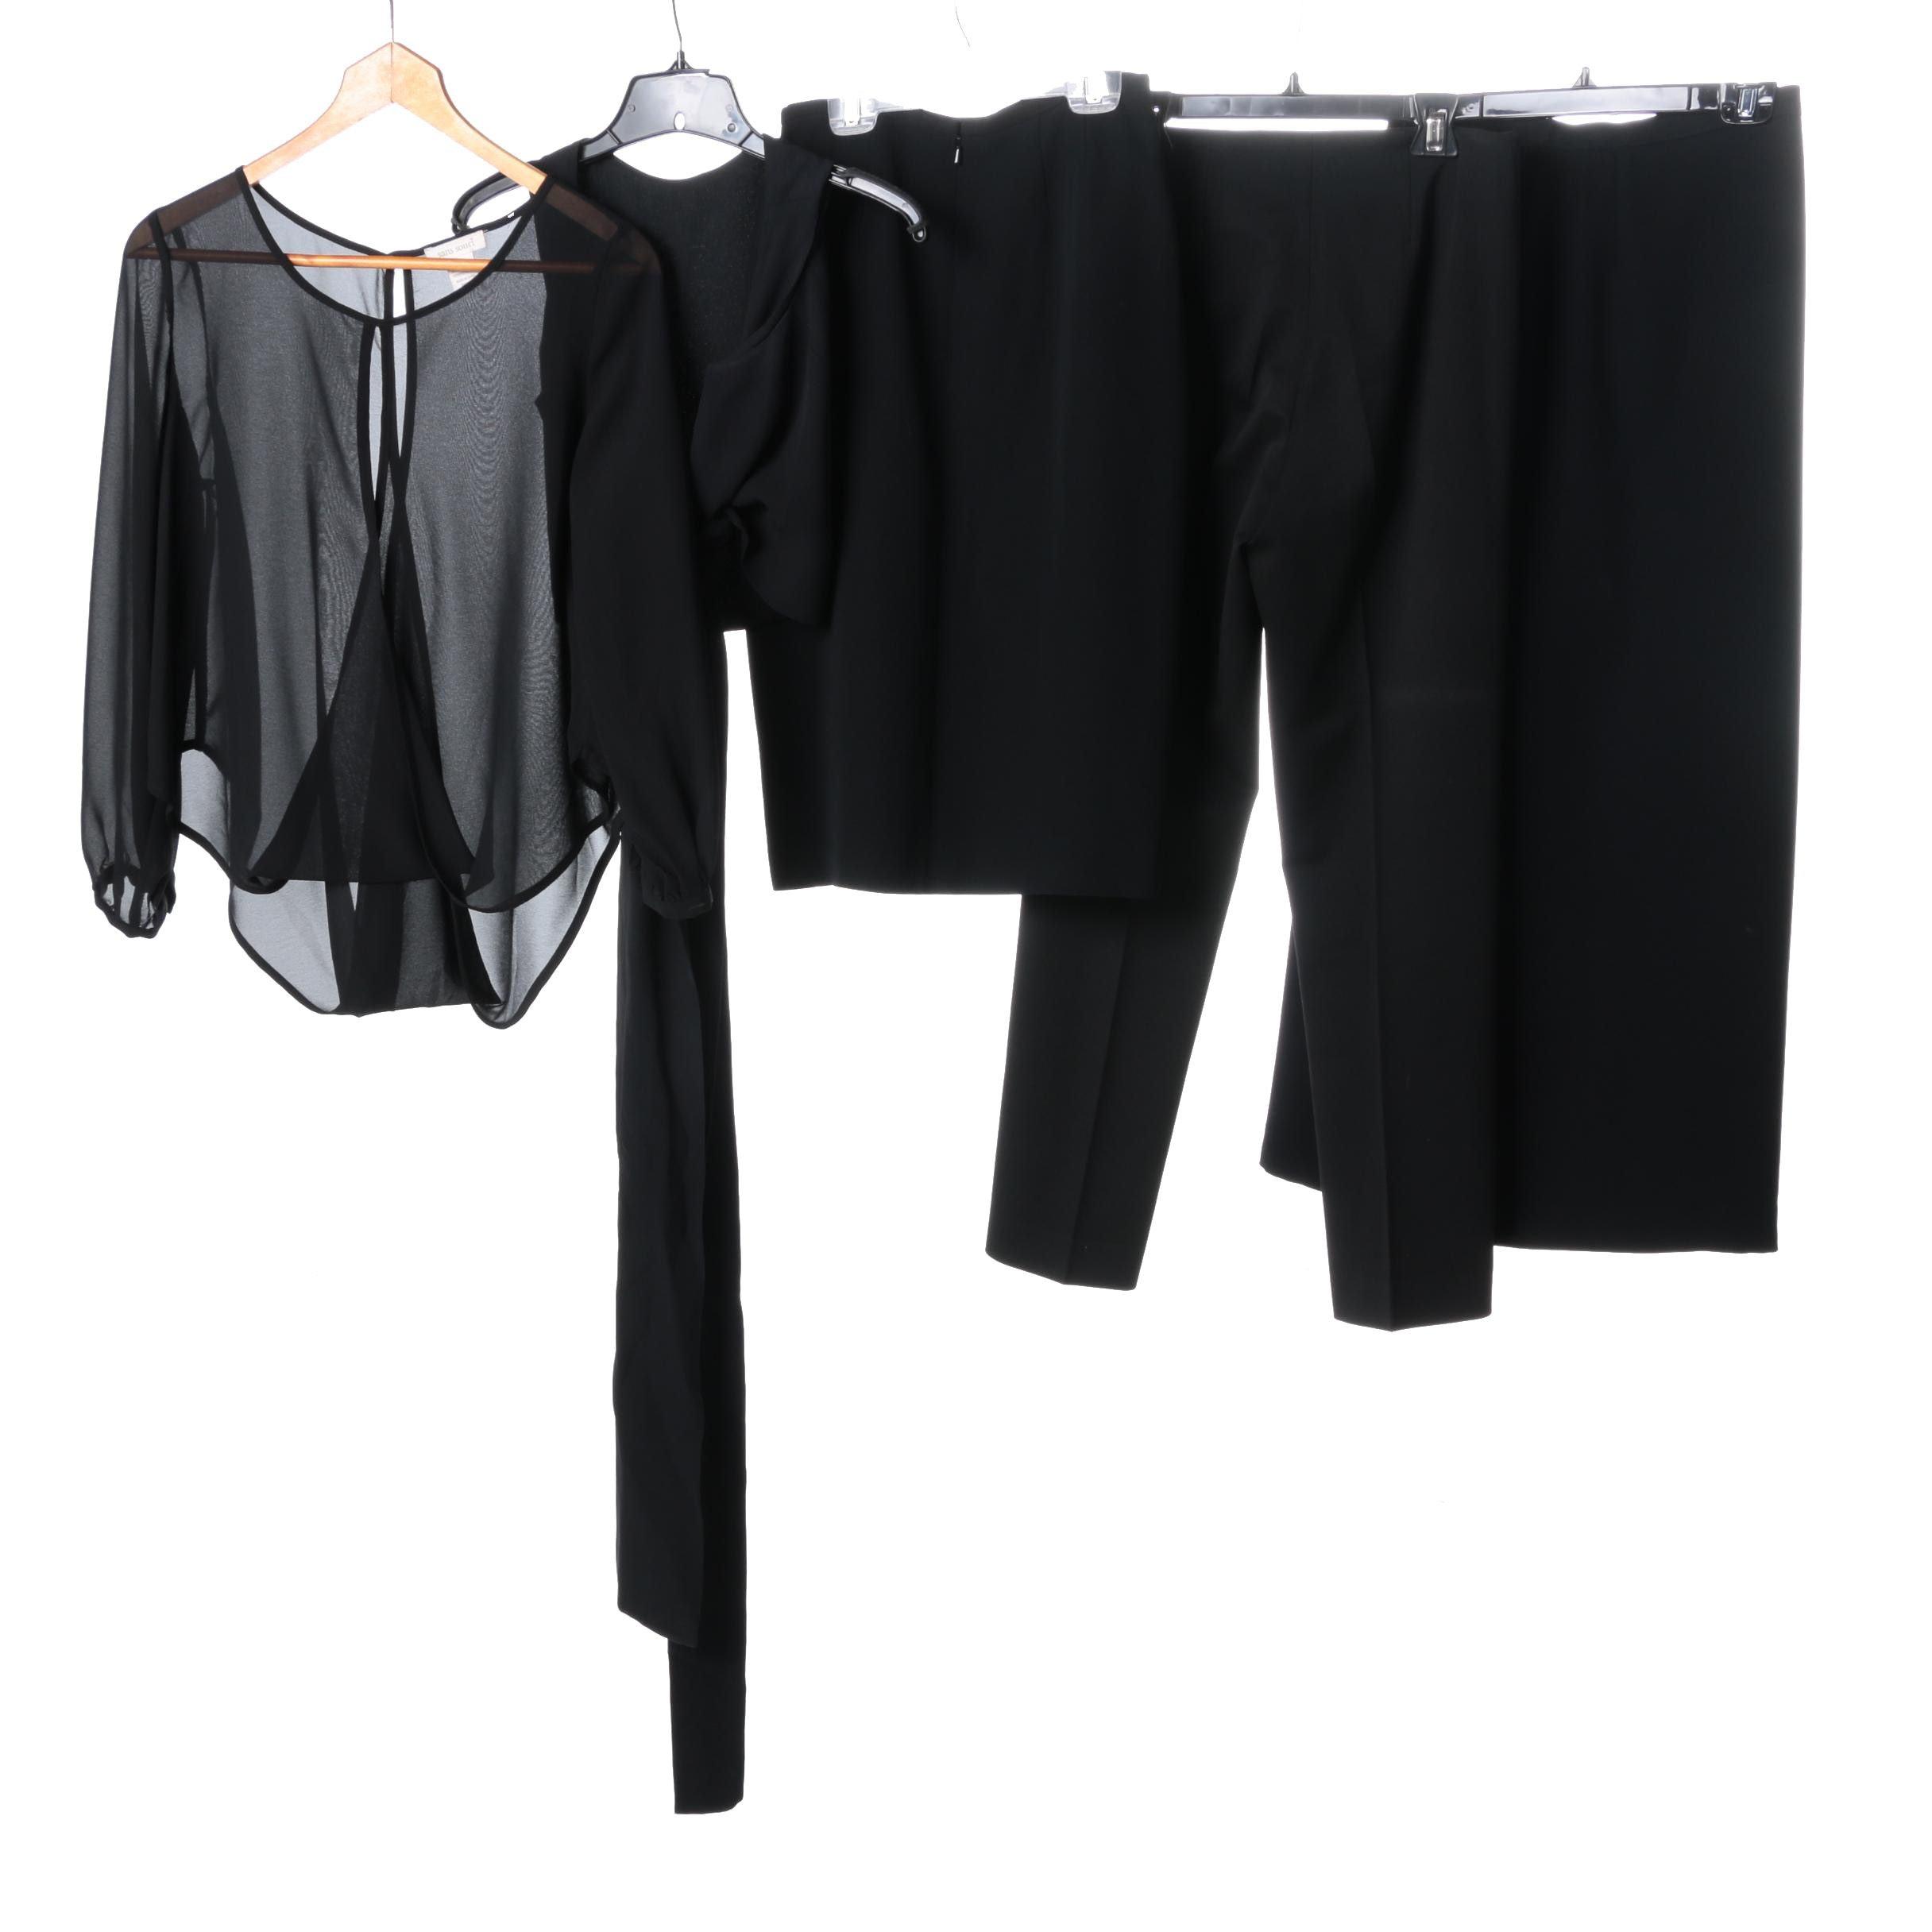 Women's Clothing Including Sans Souci